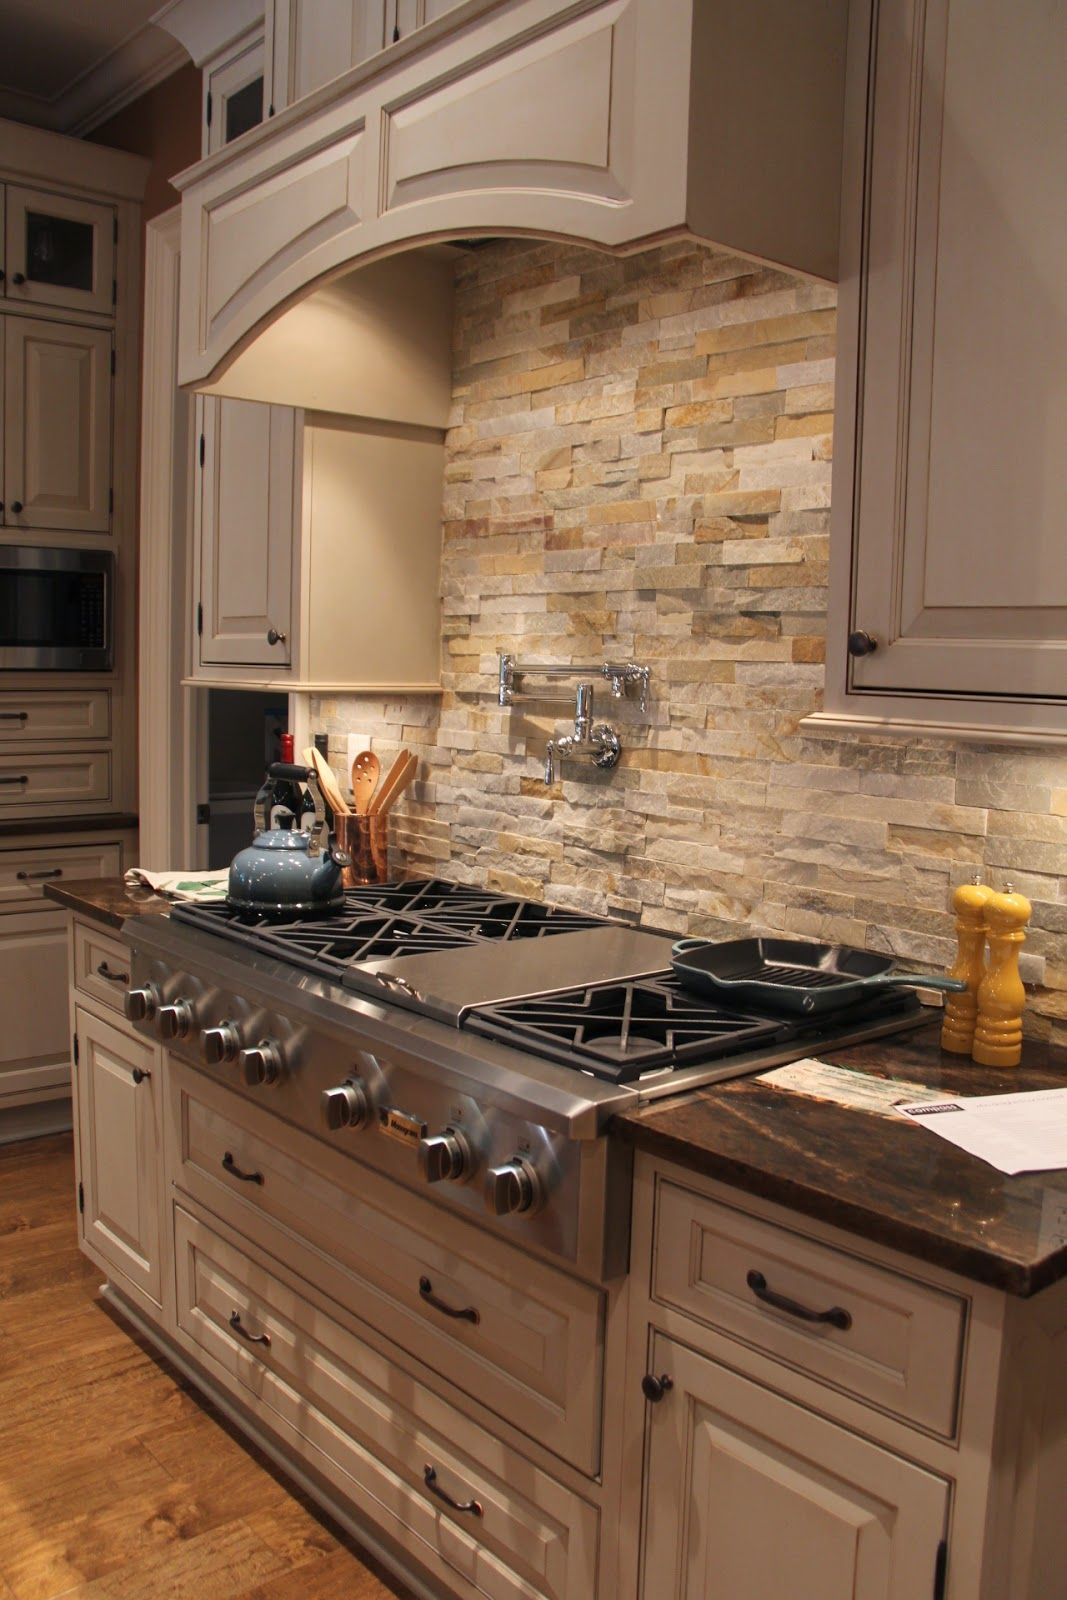 Uncategorized Stone Backsplash Ideas For Kitchen stone backsplash ideas for kitchen kitchen